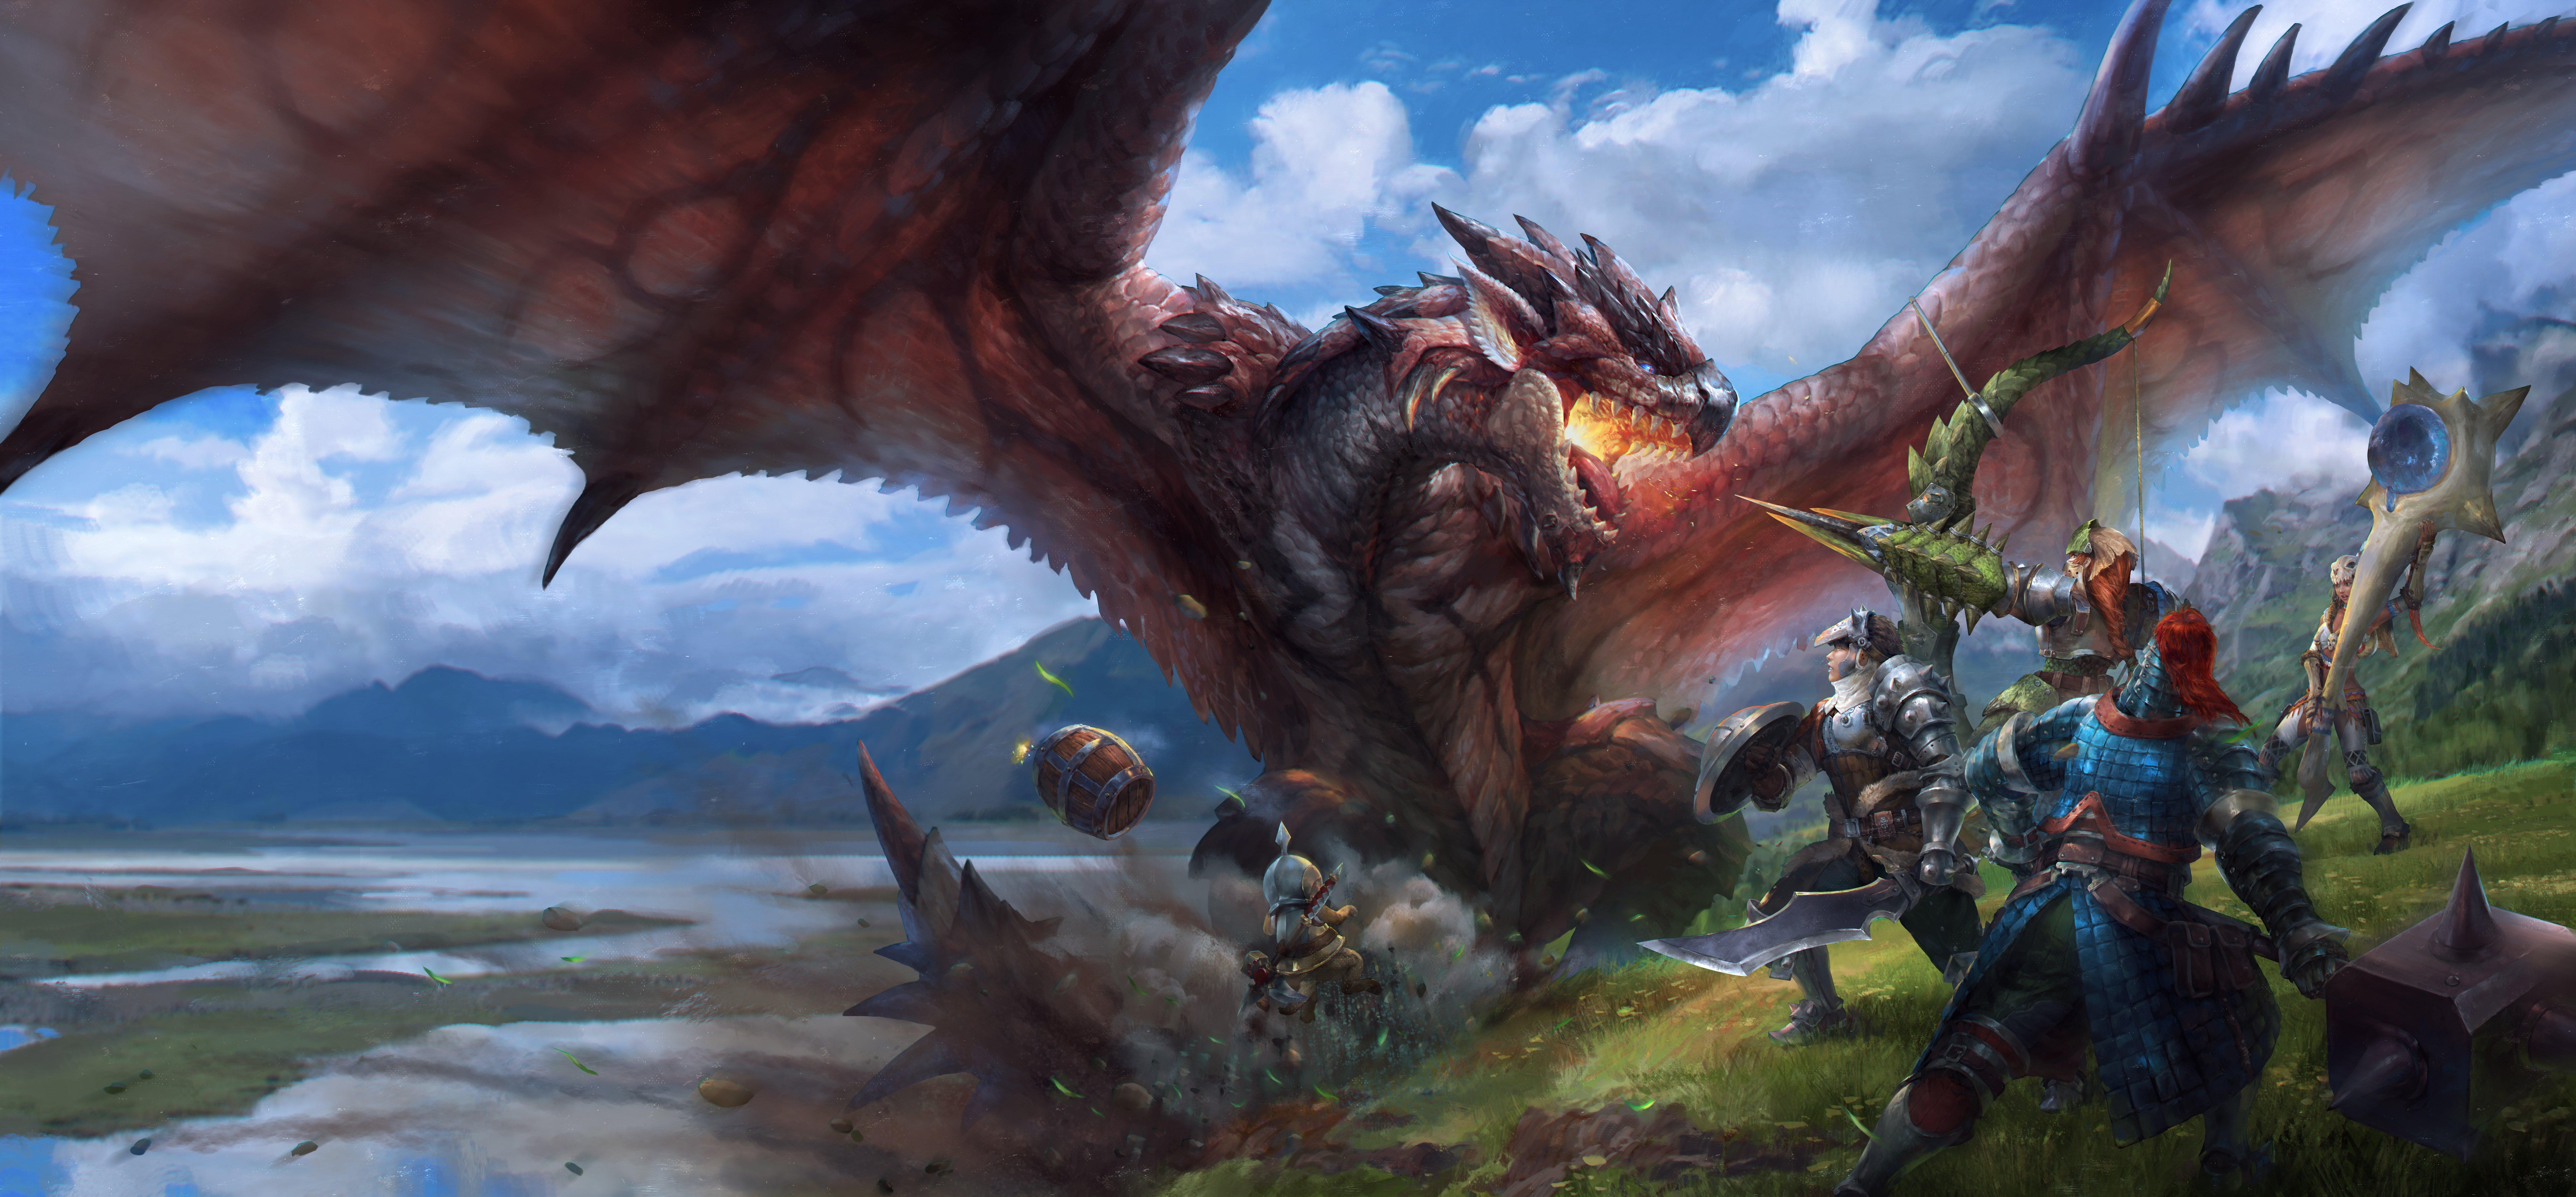 Monster Hunter World 4k Wallpaper: Armor Monster Monster Hunter Sword Tagme Weapon Wallpaper